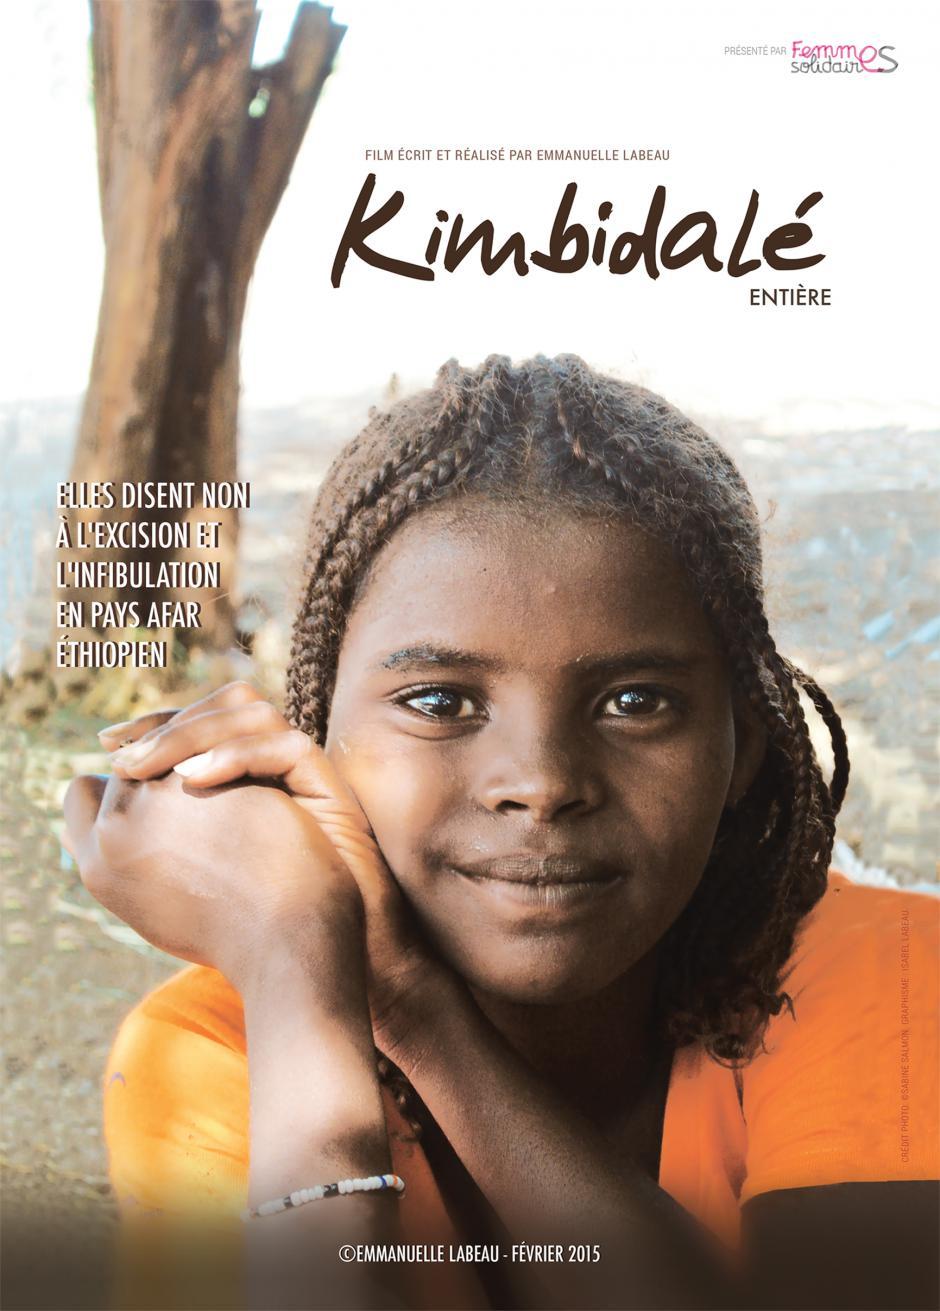 6 février, Montataire - Femmes Solidaires-Journée mondiale de lutte contre l'excision-Projection « Kimbidalé » suivie d'un café citoyen